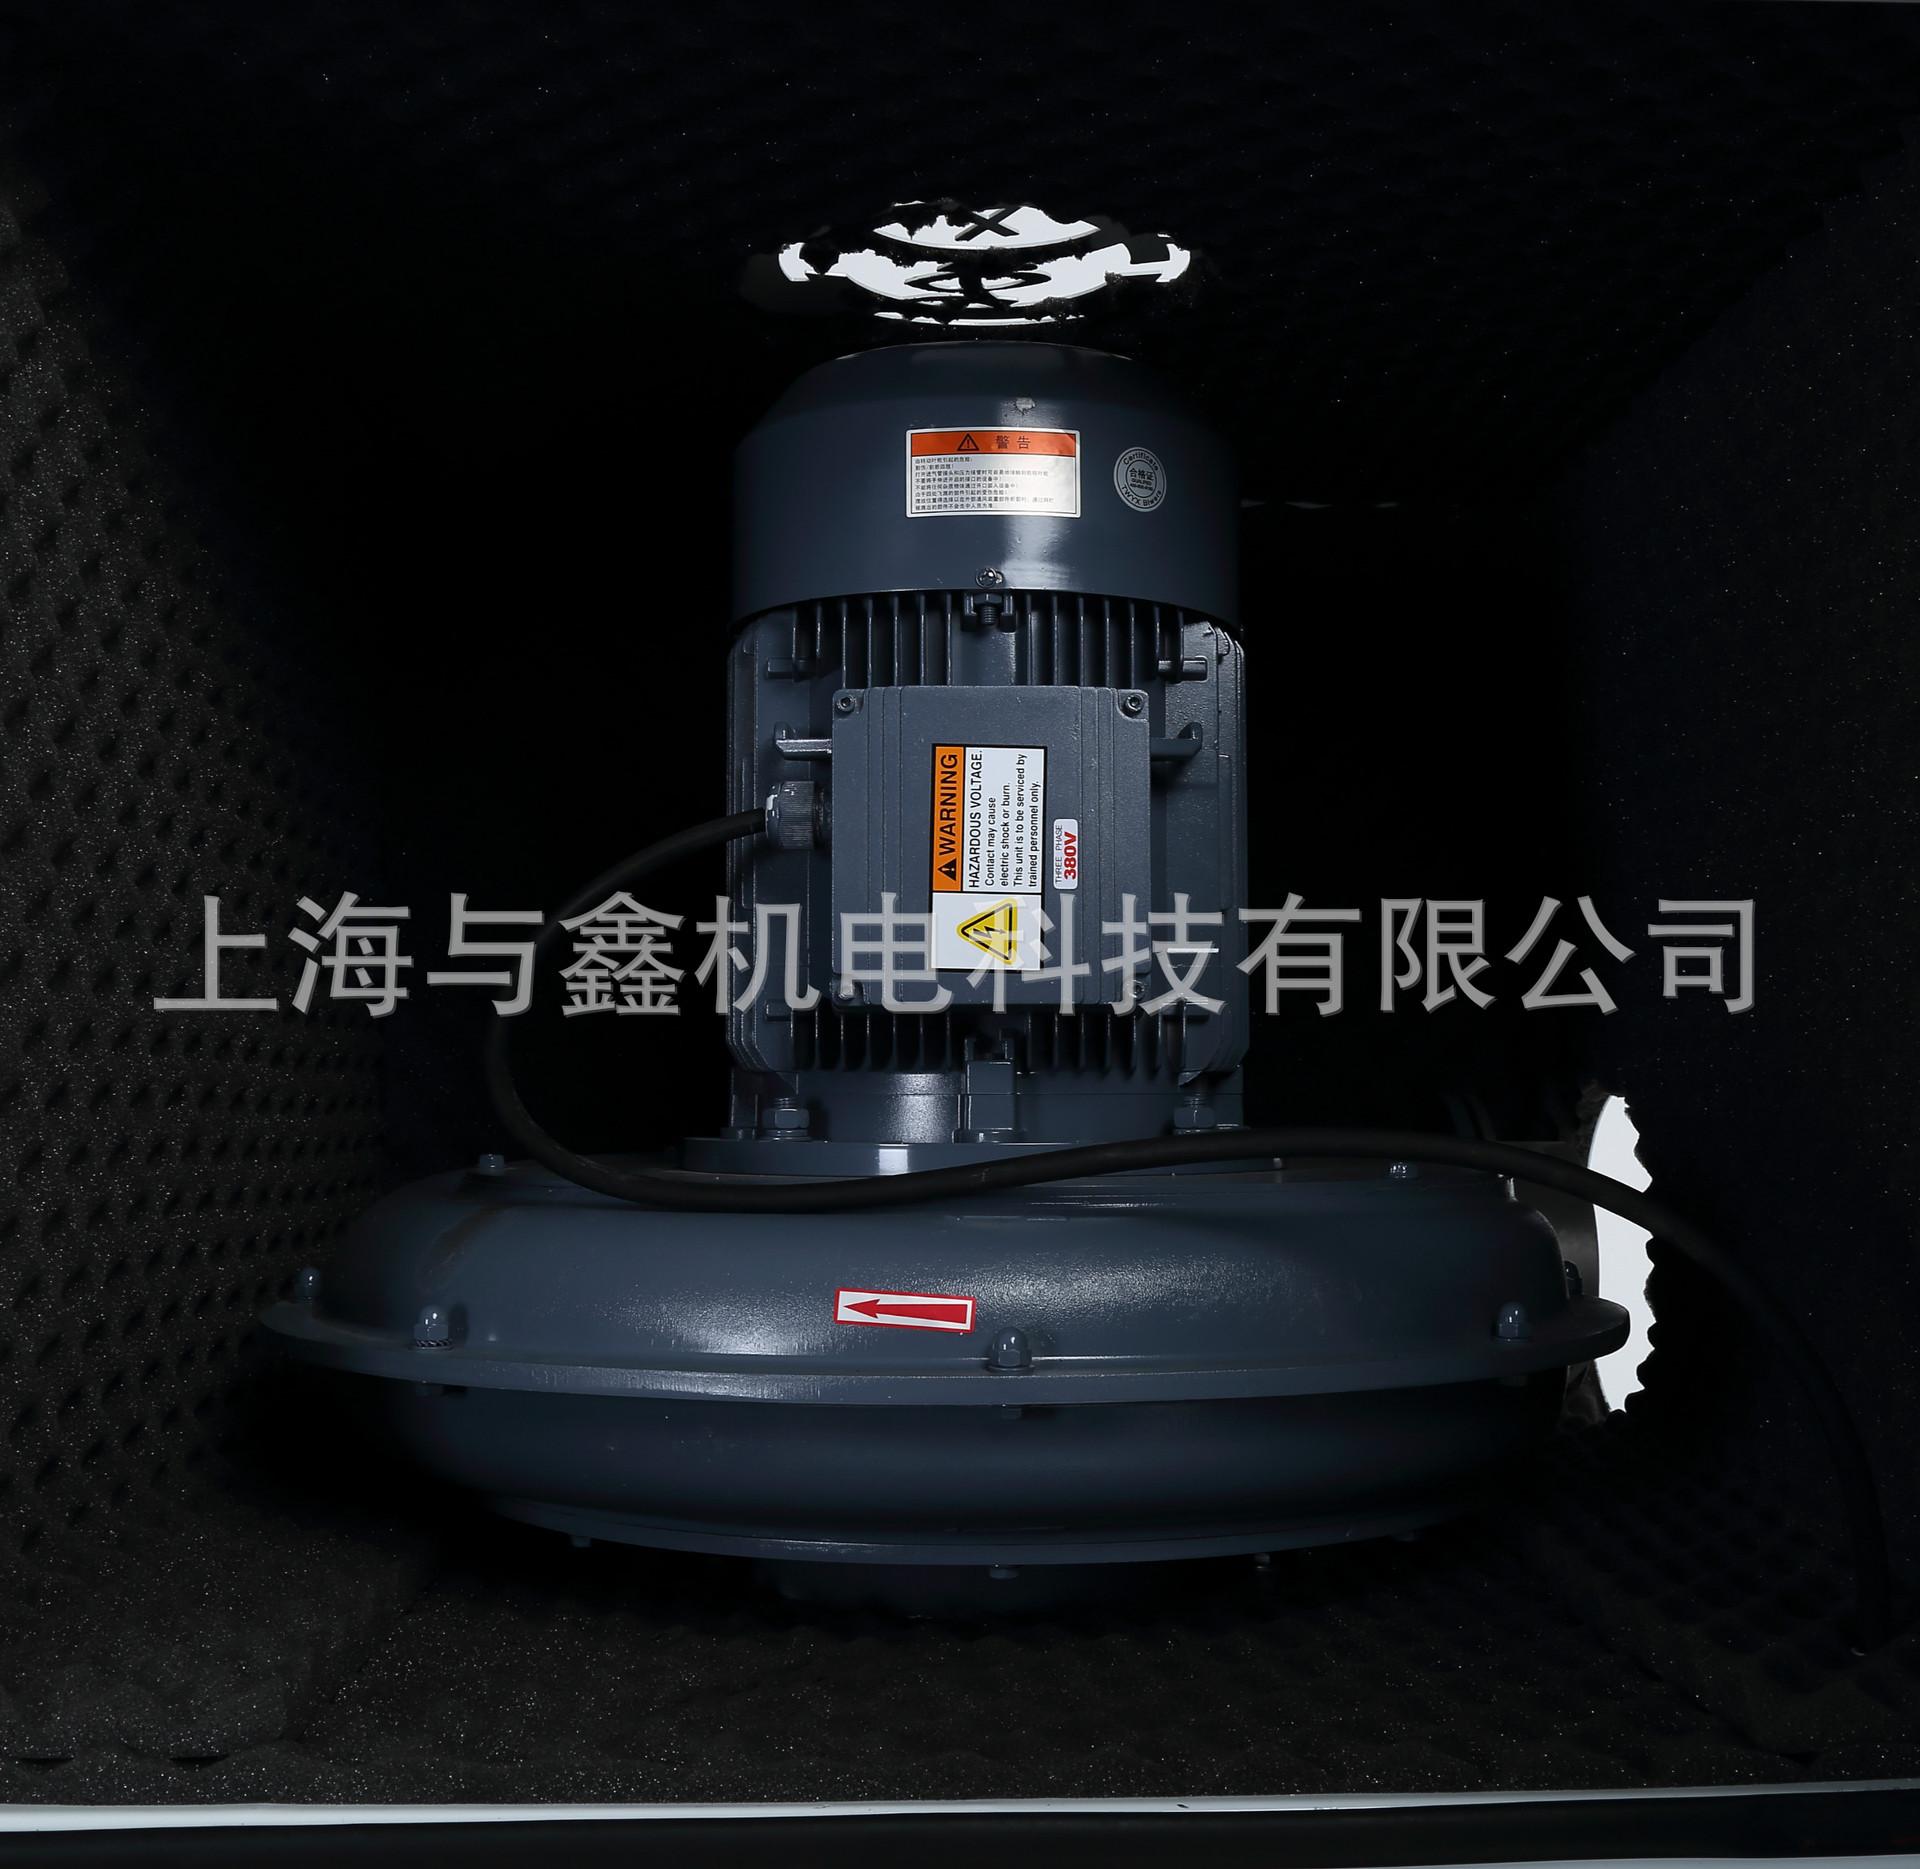 厂家磨床 磨床吸尘器 粉尘颗粒收集磨床工业吸尘器  大功率吸尘器示例图4